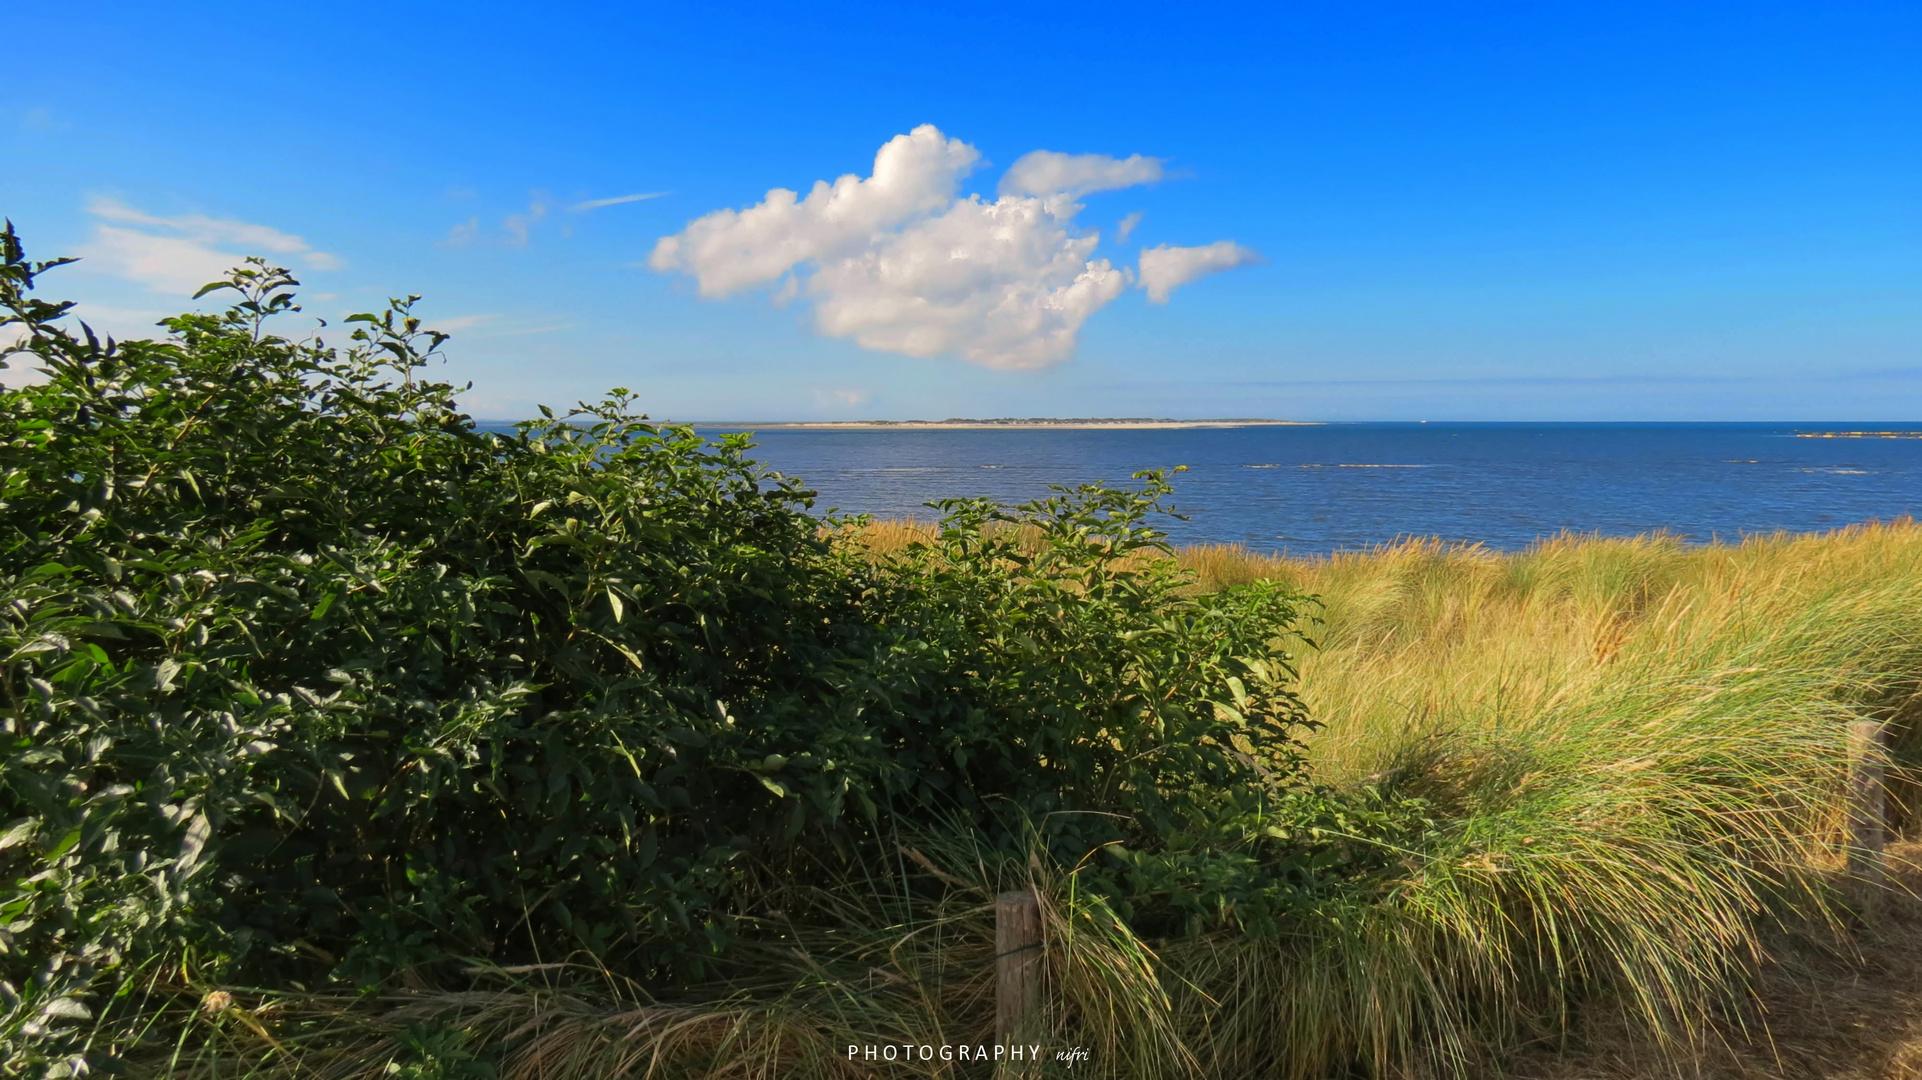 """Der Blick auf """"Baltrum - Bald-rum"""" von der Insel Langeoog"""